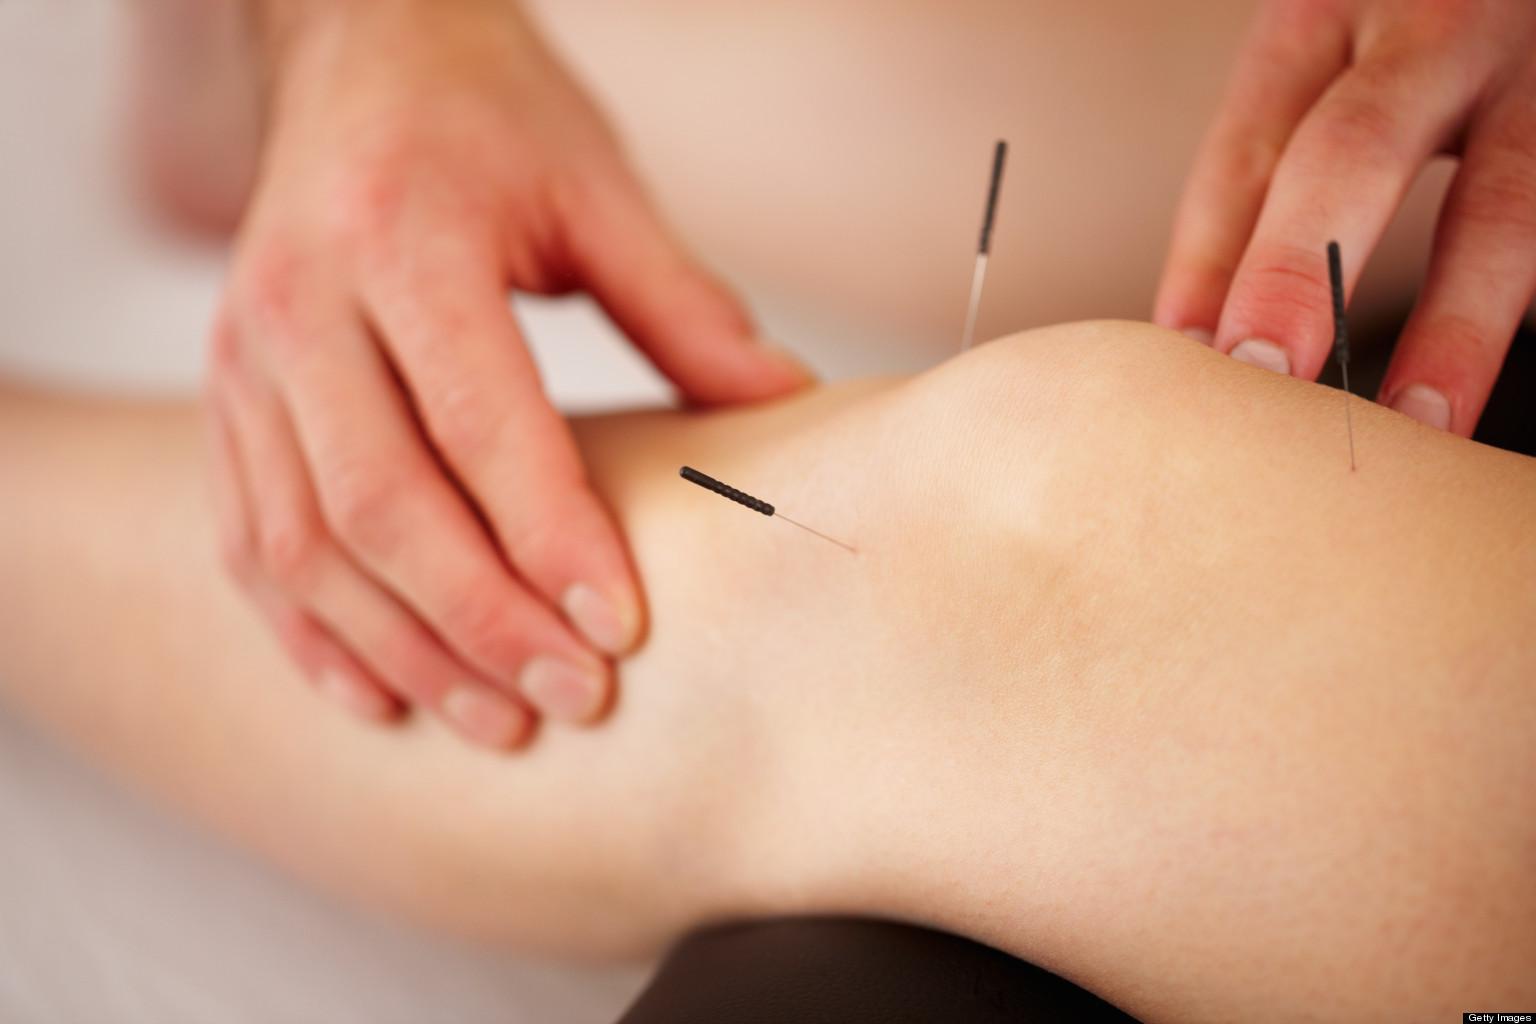 درمان زانو درد با طب سوزنی